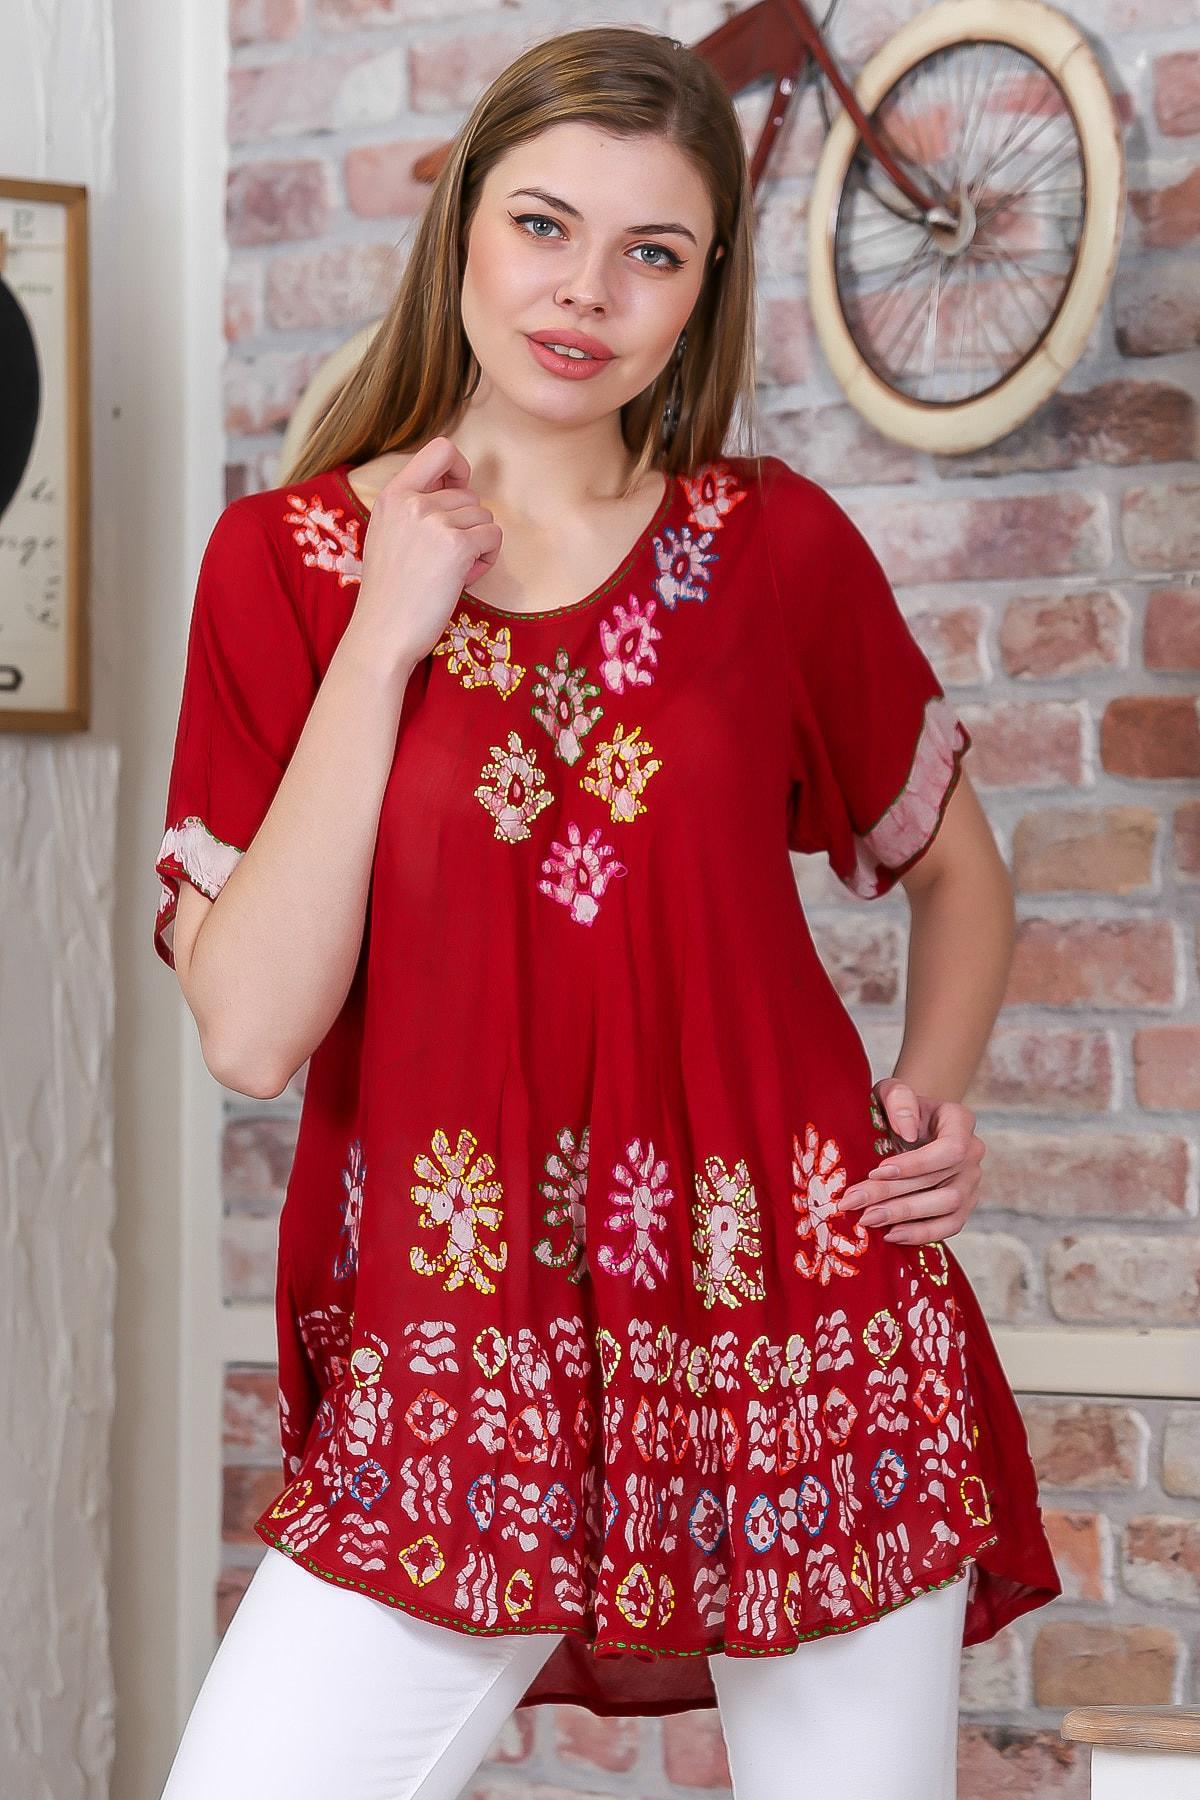 Chiccy Kadın Kırmızı Çiçek Baskılı Nakış Dikişli Kısa Kol Batik Salaş Dokuma Bluz M10010200BL95495 0